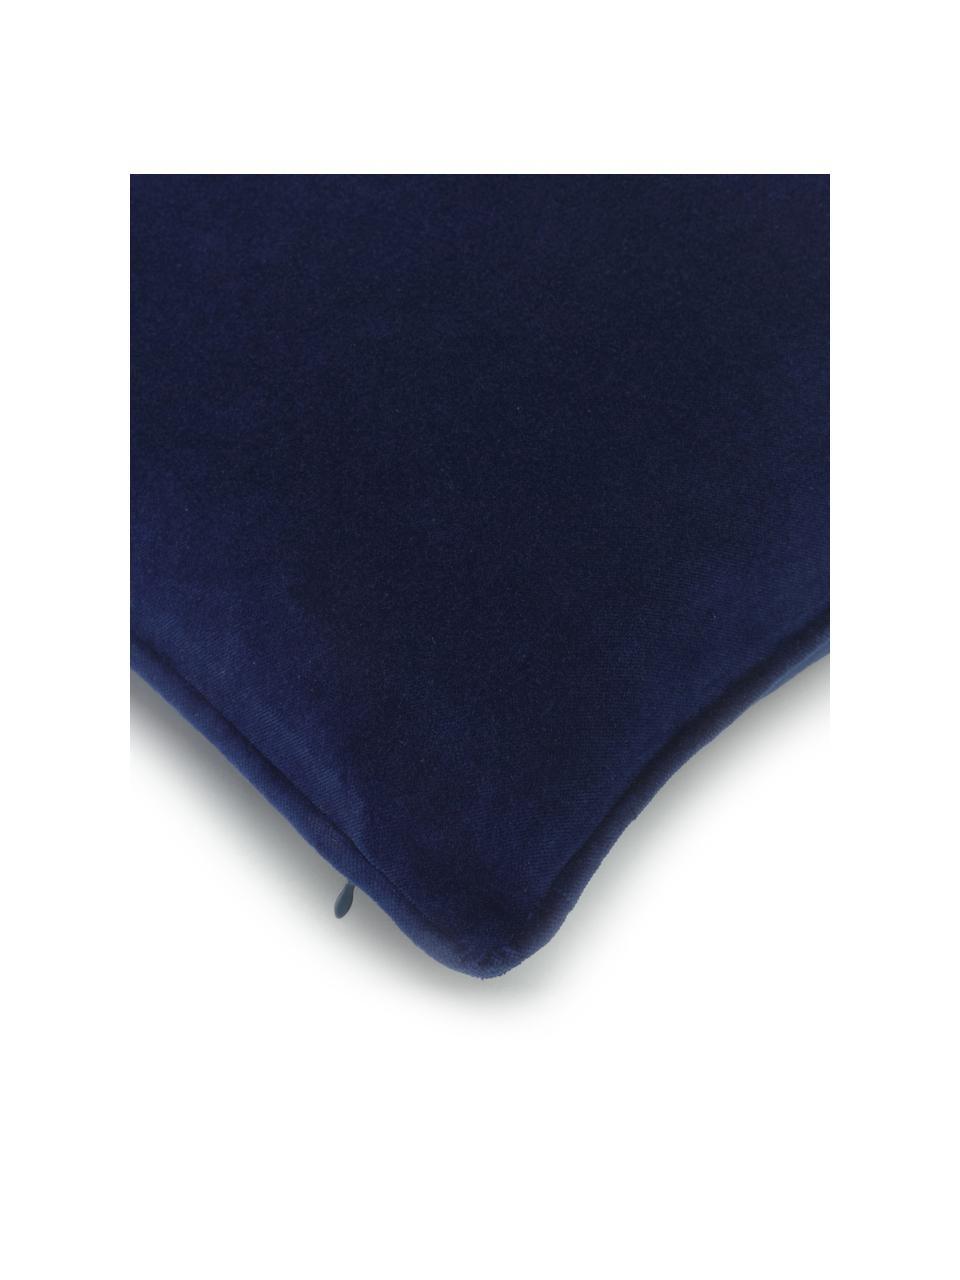 Funda de cojín de terciopelo Dana, 100%terciopelo de algodón, Azul marino, An 50 x L 50 cm